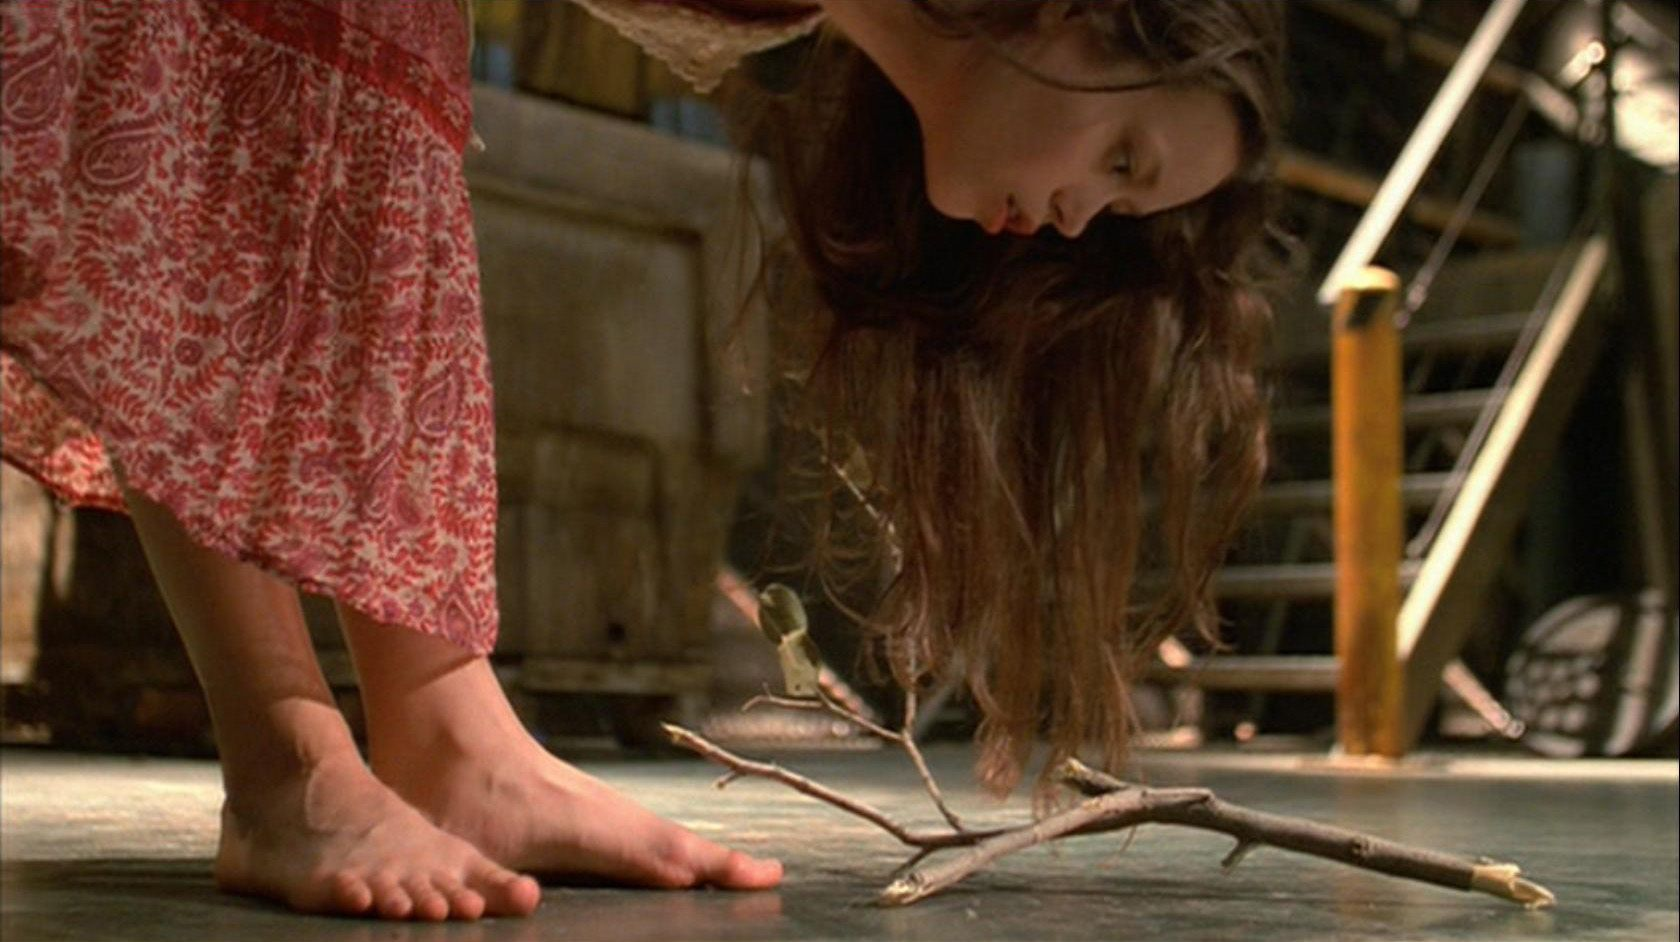 Summer glau feet